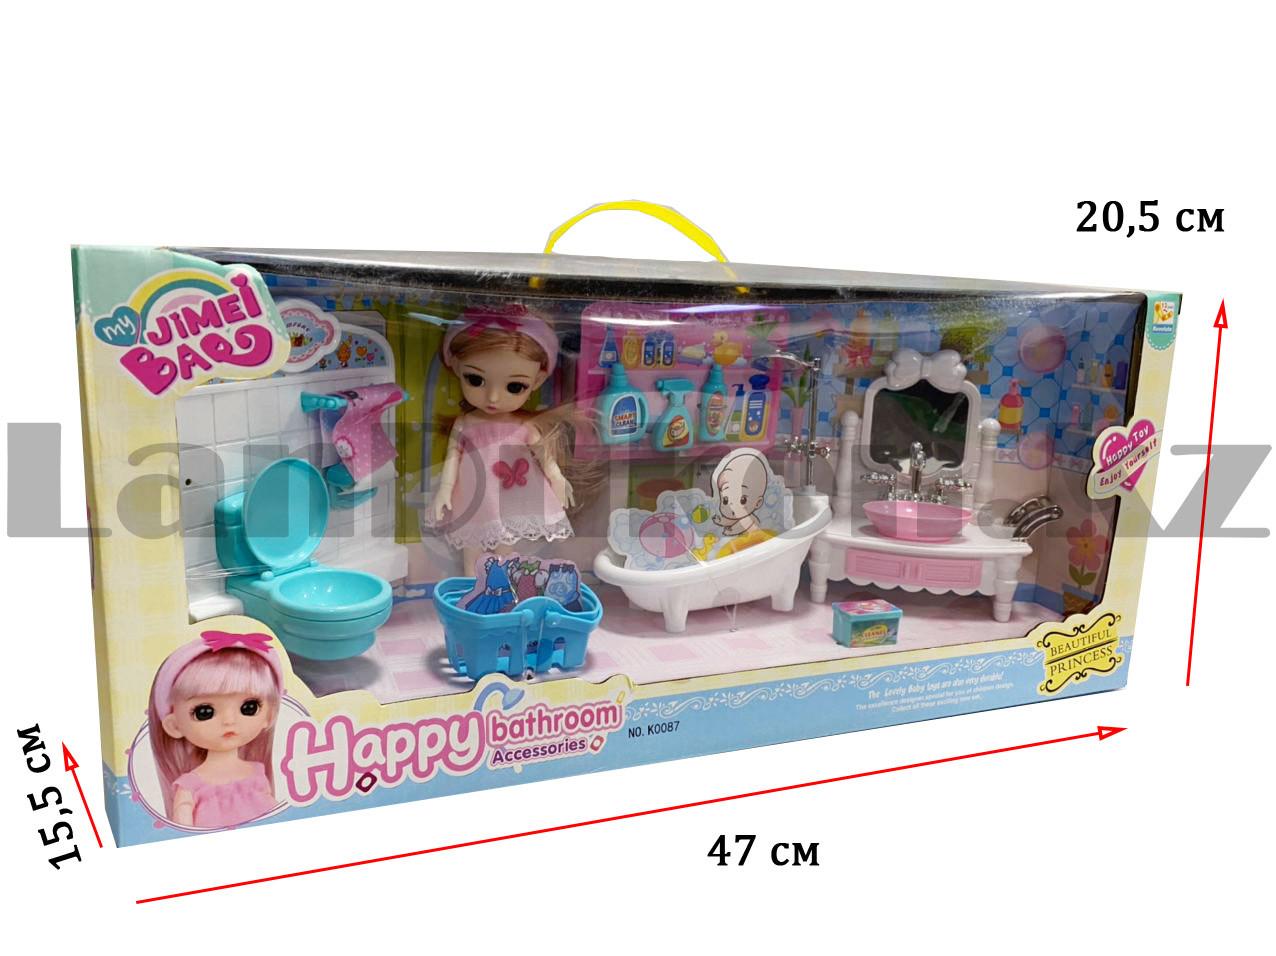 Игровой набор ванная комната с куклой с подвижными руками и ногами и аксессуарами Нарру bathroom No.K0087 - фото 2